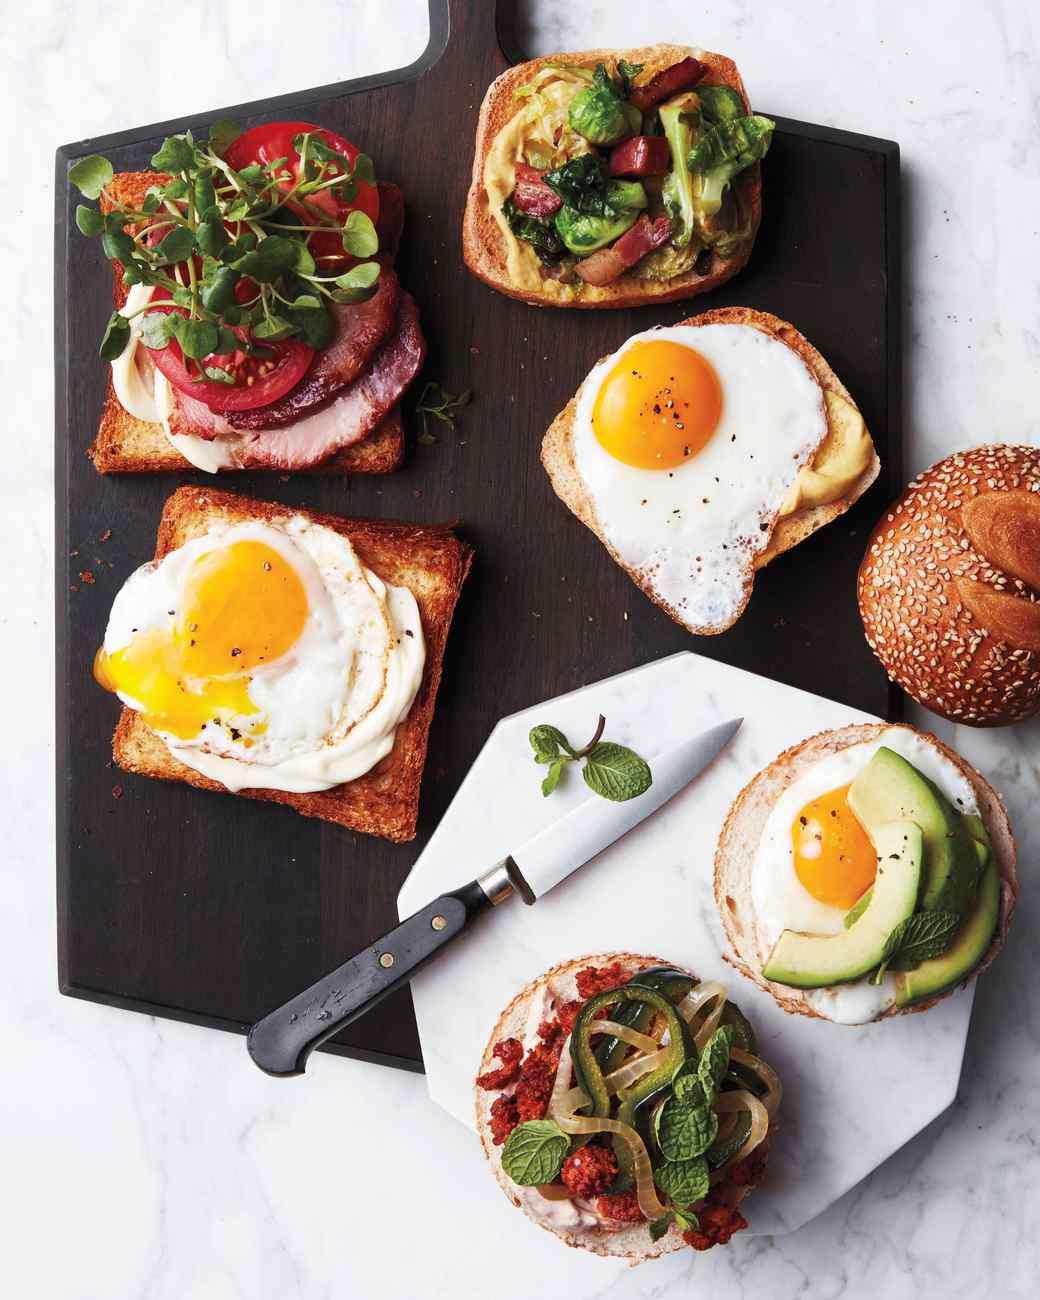 https://assets.marthastewart.com/styles/wmax-520-highdpi/d32/breakfast-sandwiches-161-d112672/breakfast-sandwiches-161-d112672_vert.jpg